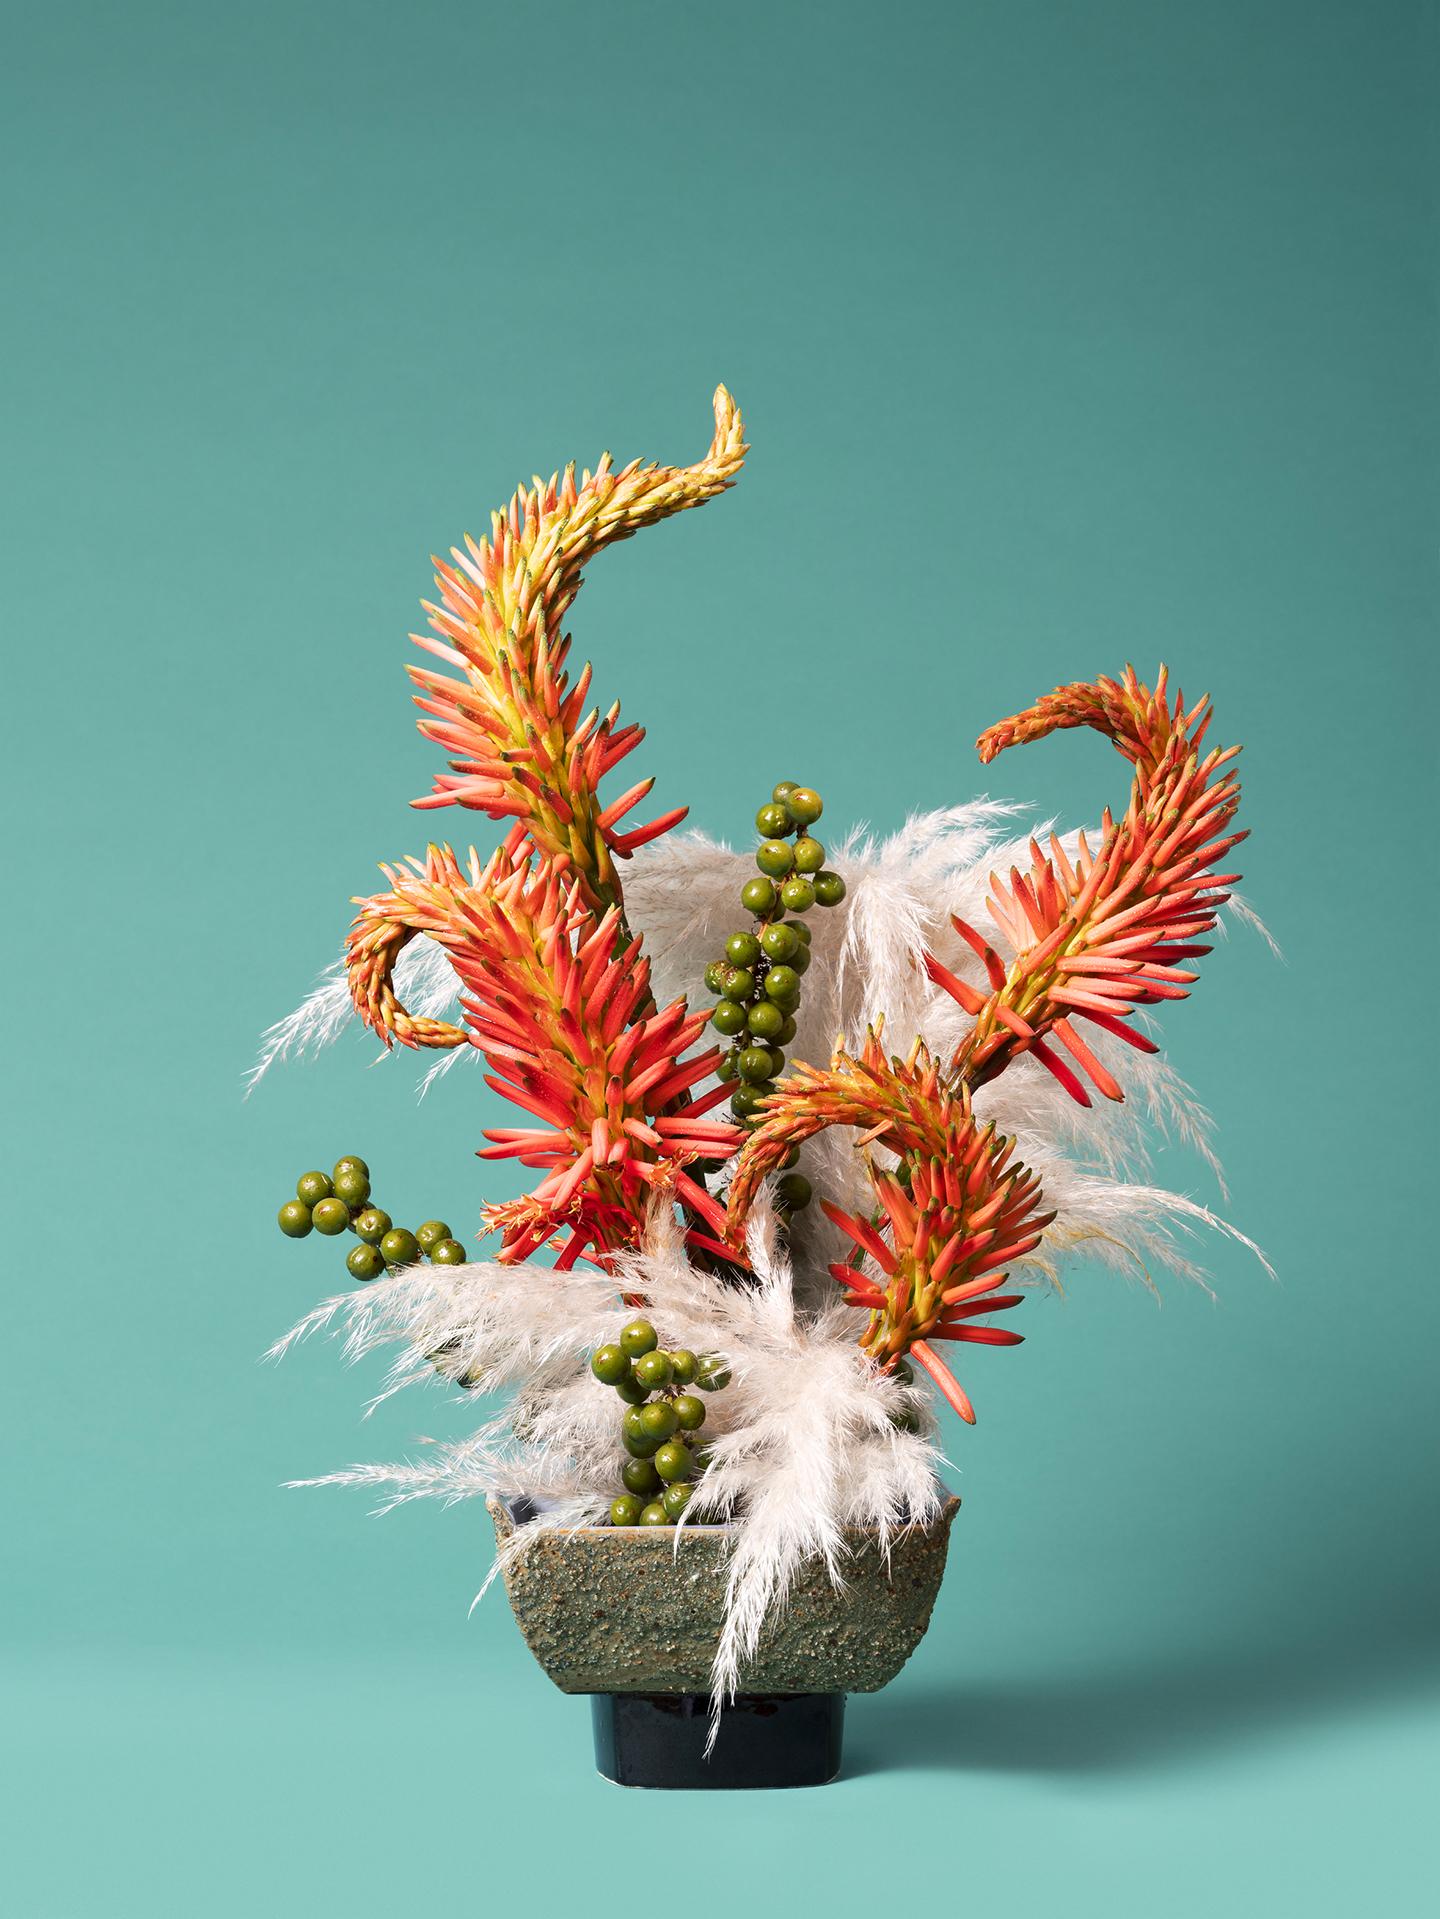 Ann Shelton 5. The Red Head, Toe Toe (Austroderia sp.) ©Ann Sheltonsm2